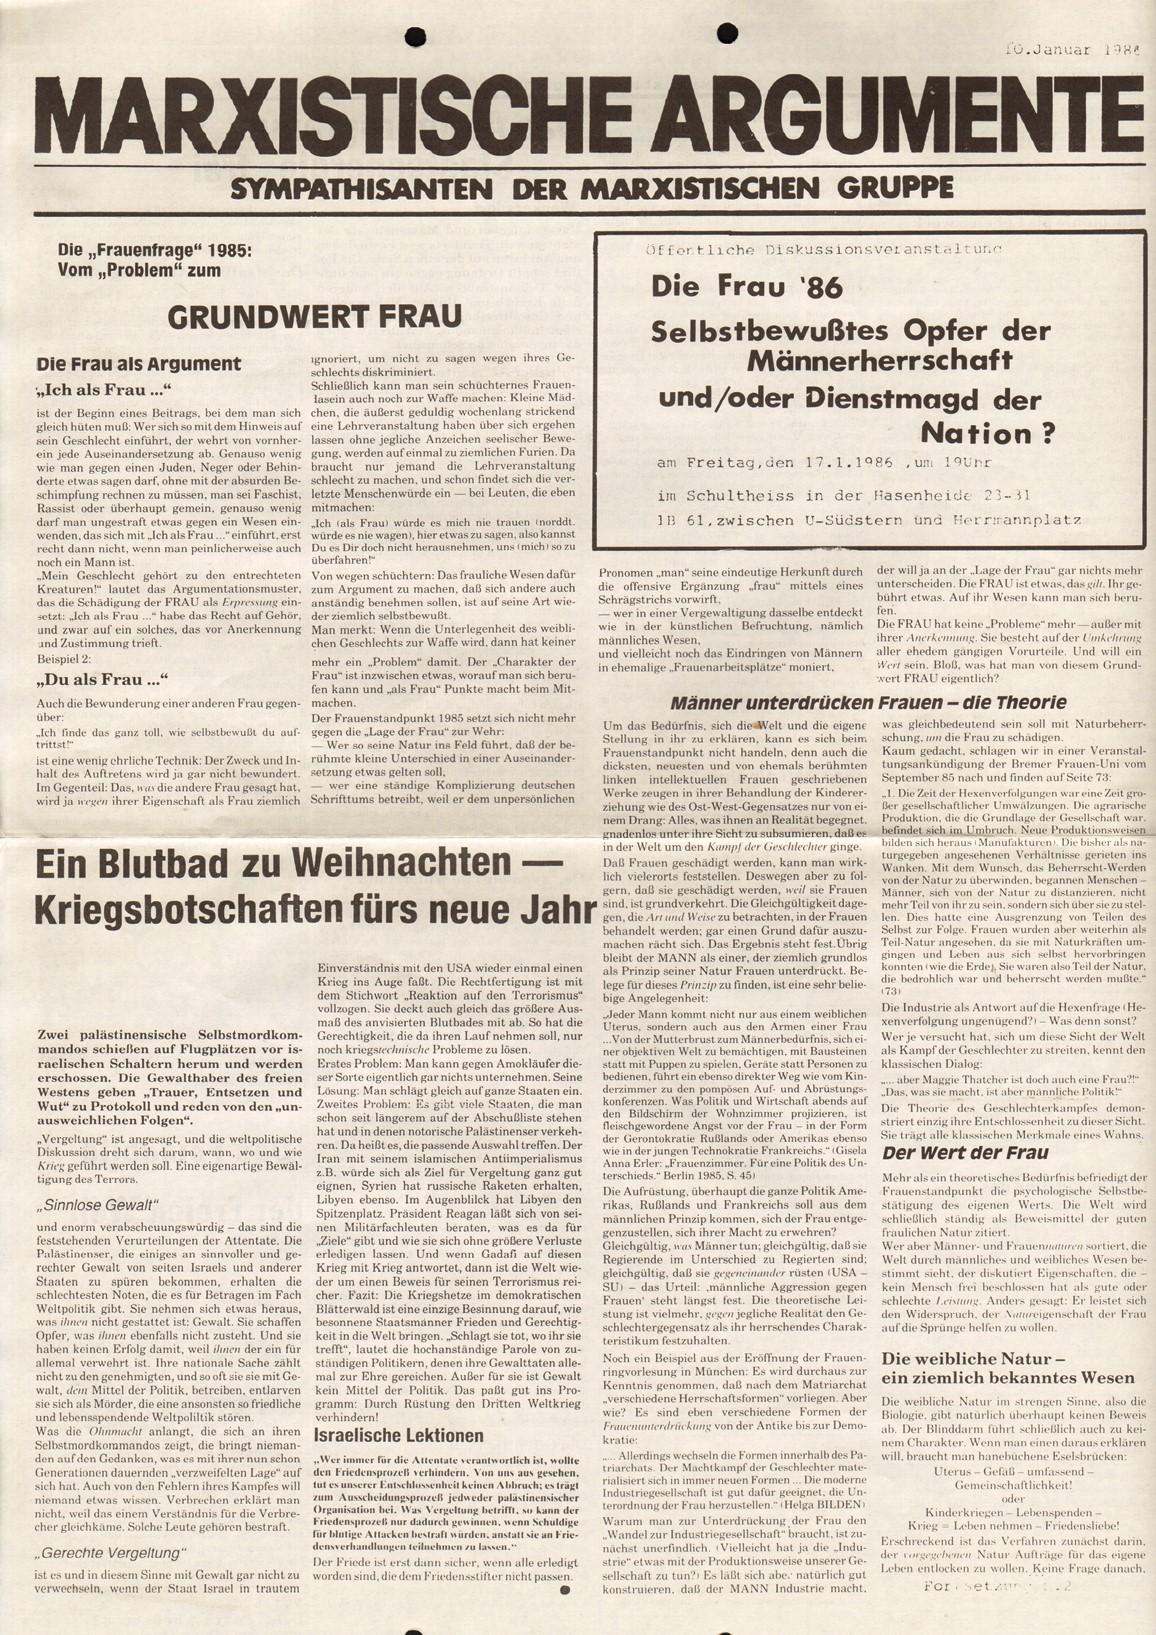 Berlin_MG_Symp_Argumente_19860110_01